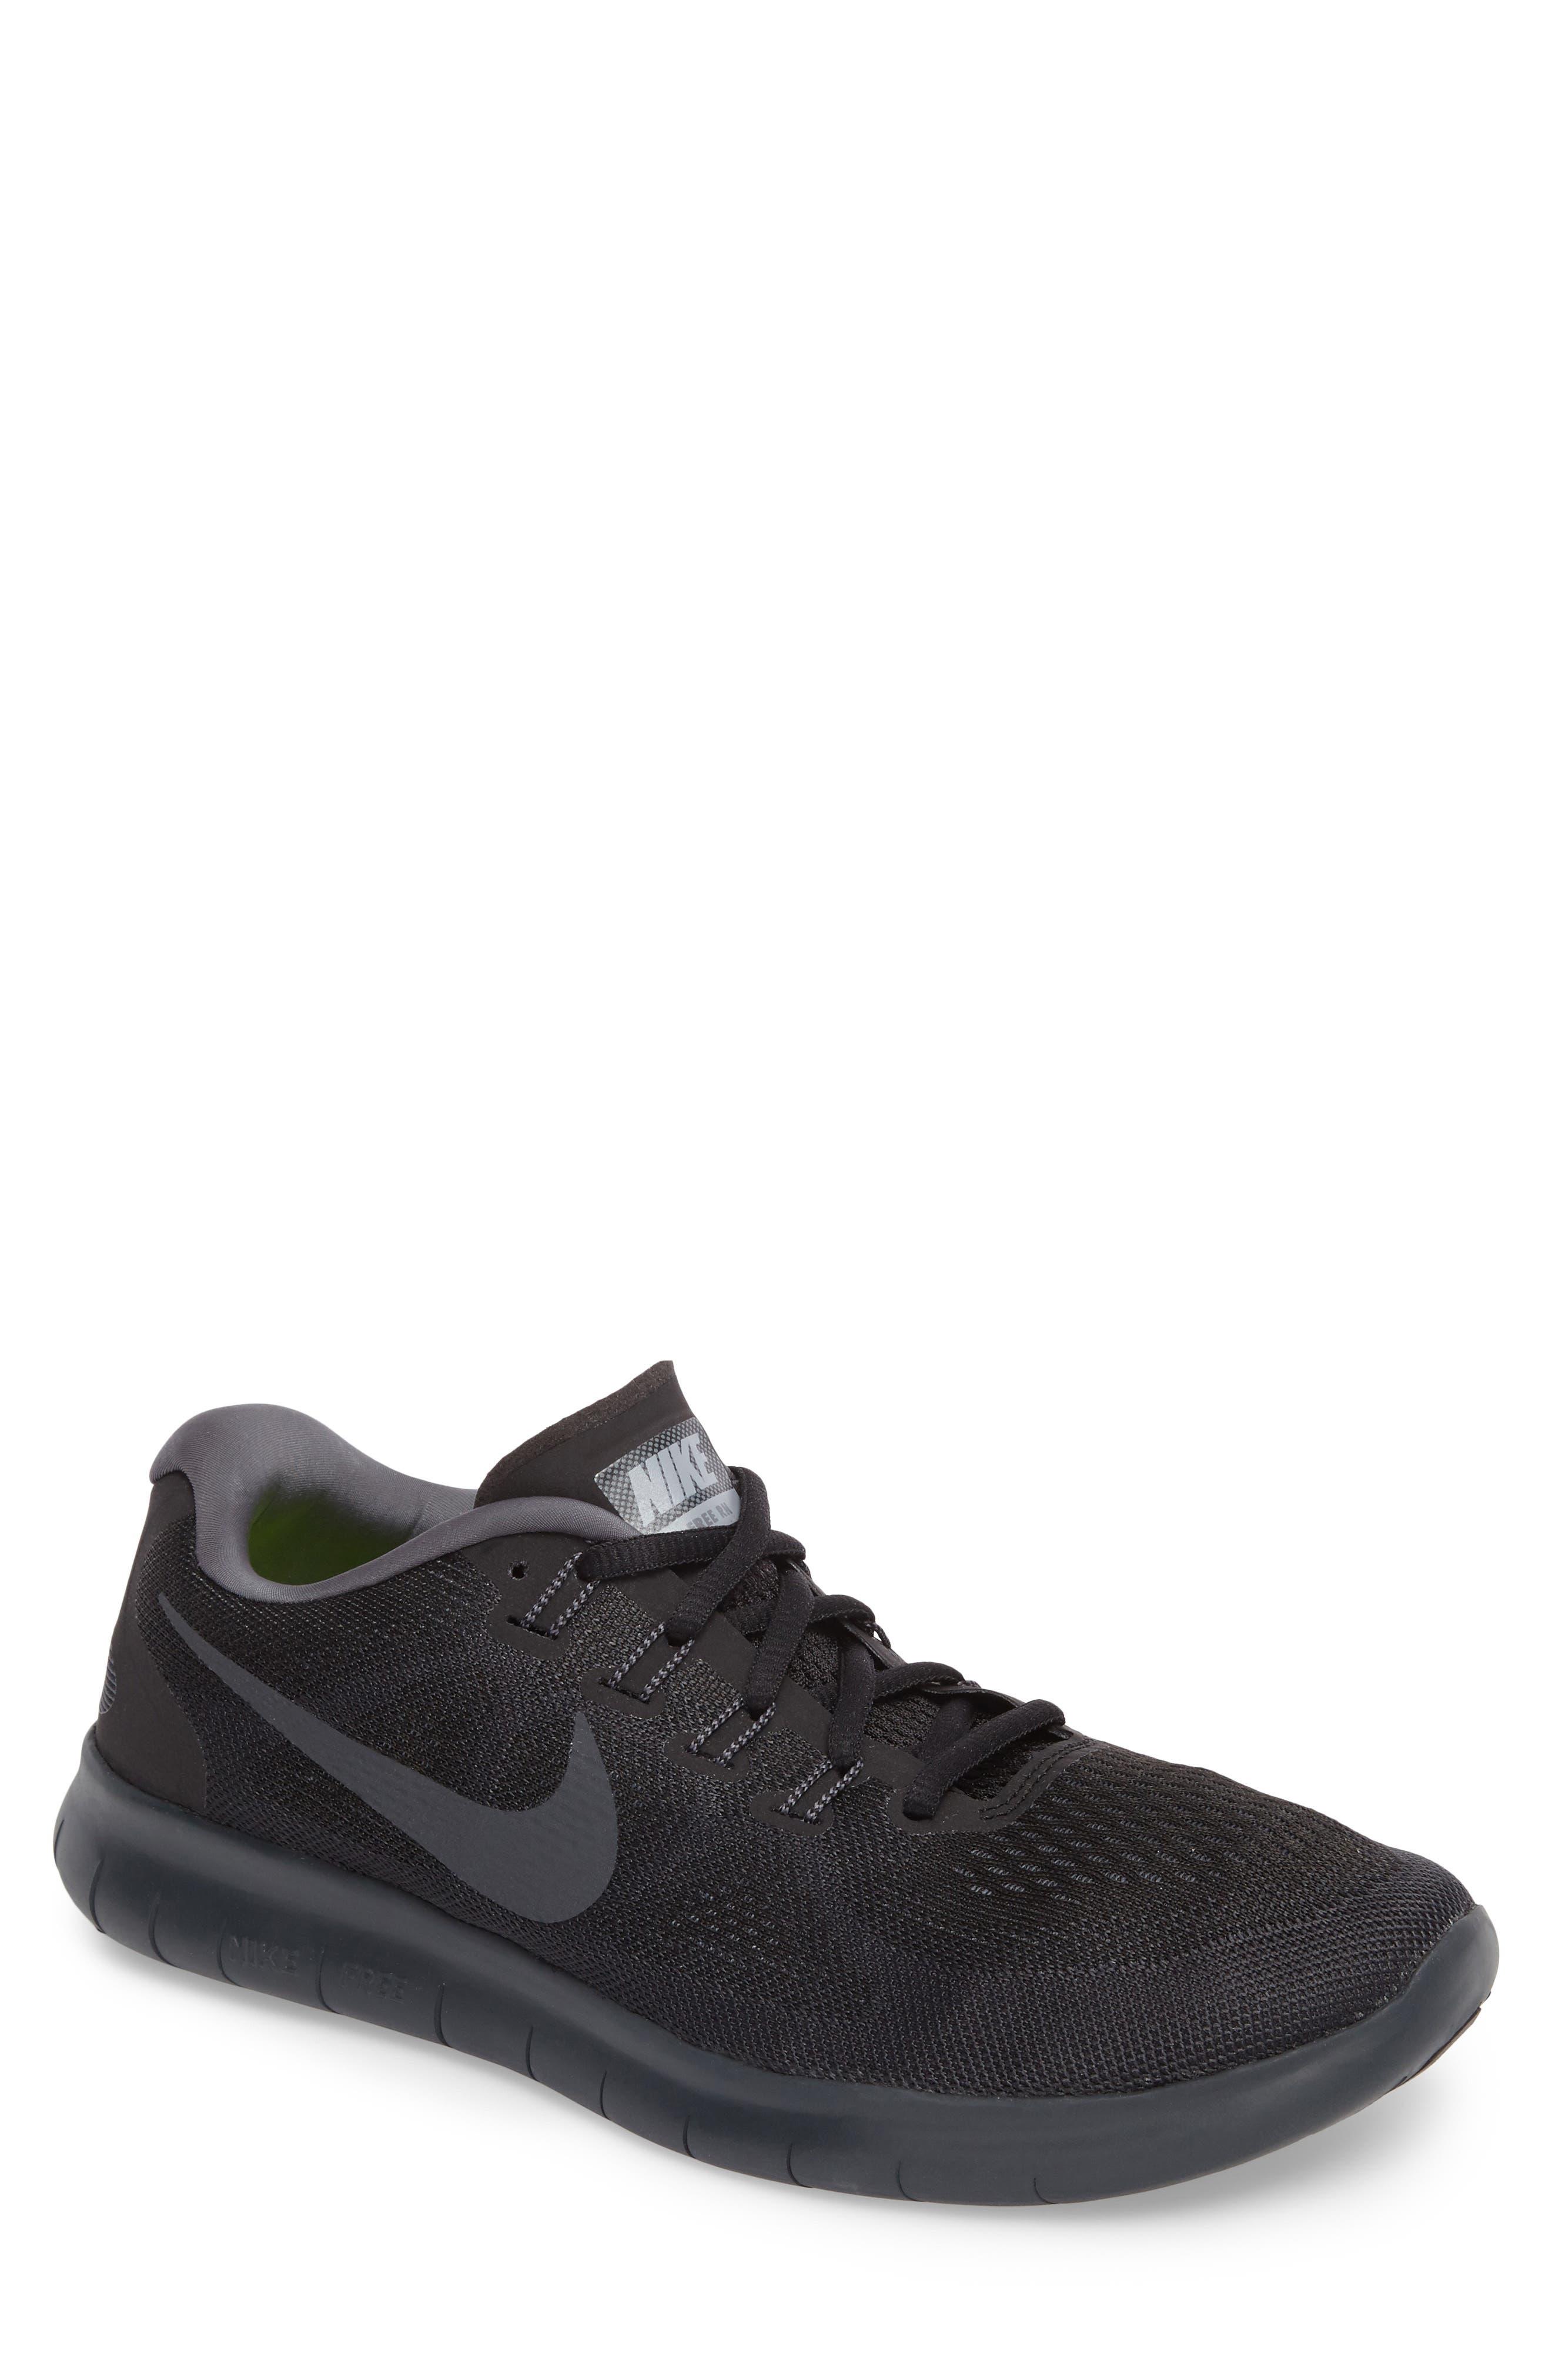 Alternate Image 1 Selected - Nike Free Run 2017 Running Shoe (Men)